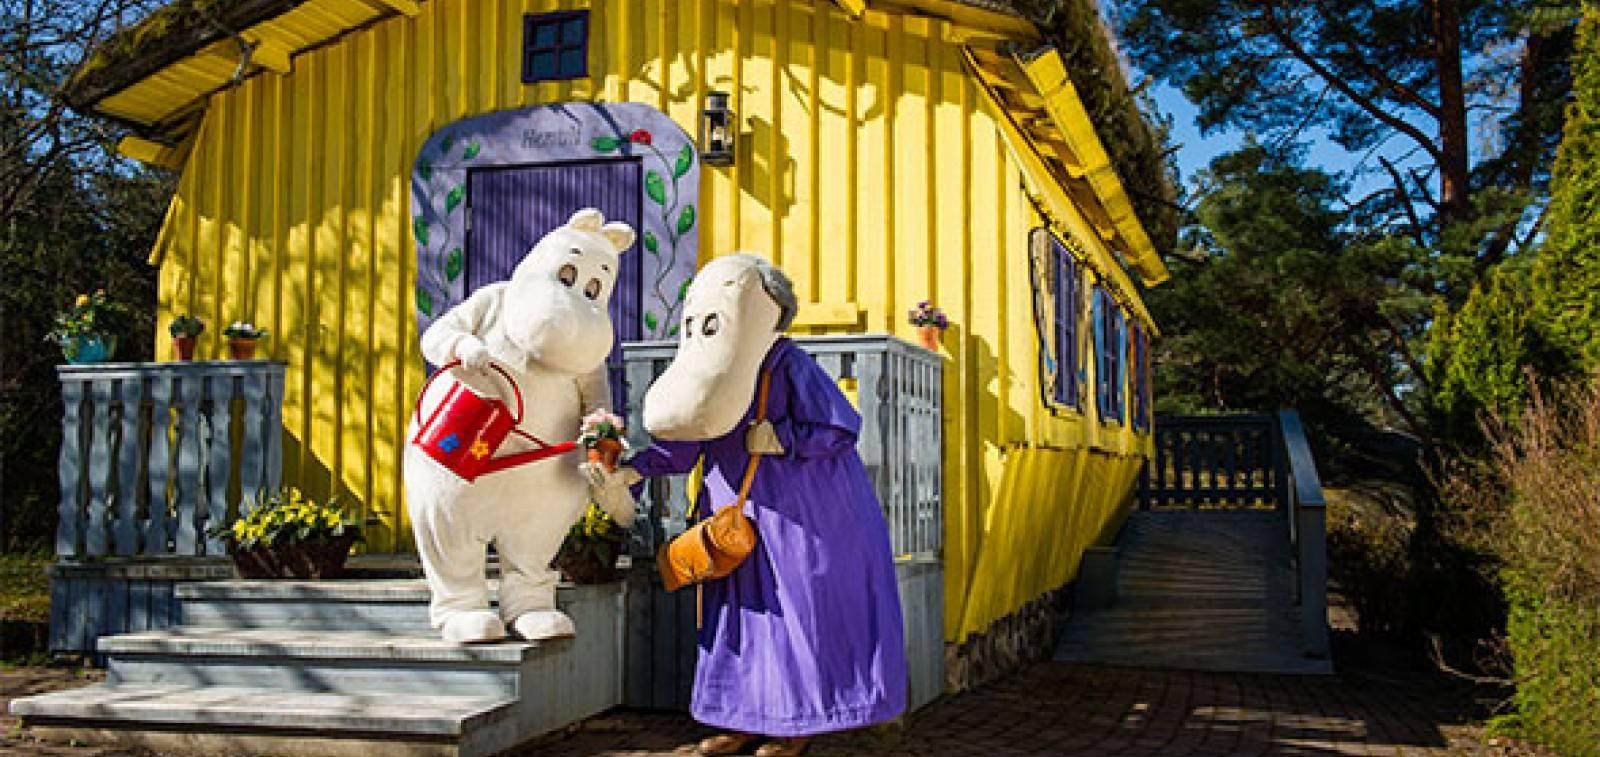 Парк муми-троллей в финляндии: график работы, как добраться, отзывы